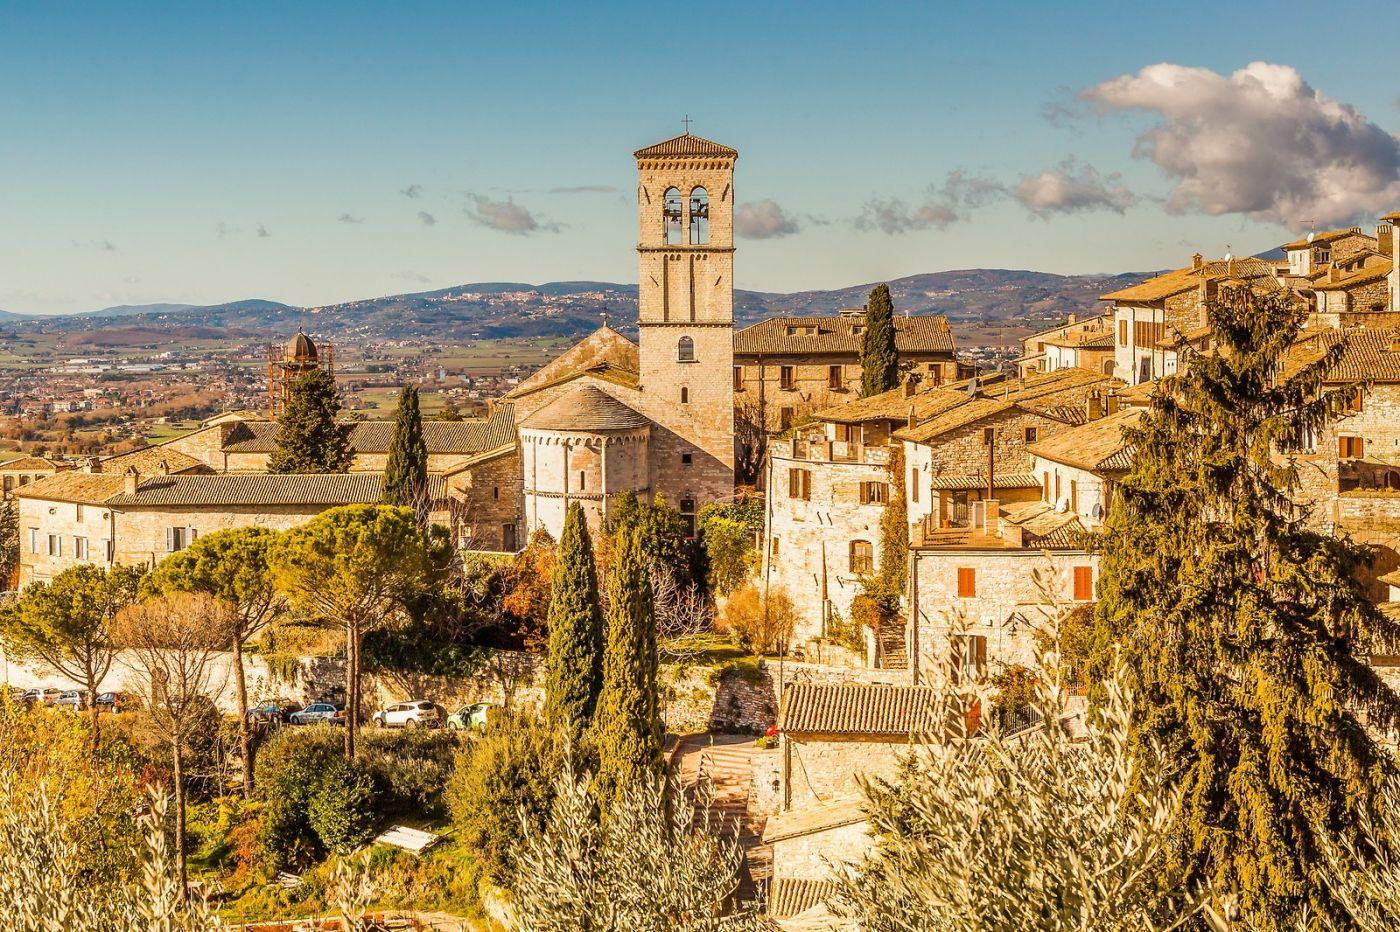 意大利阿西西(Assisi), 登高放眼_图1-9